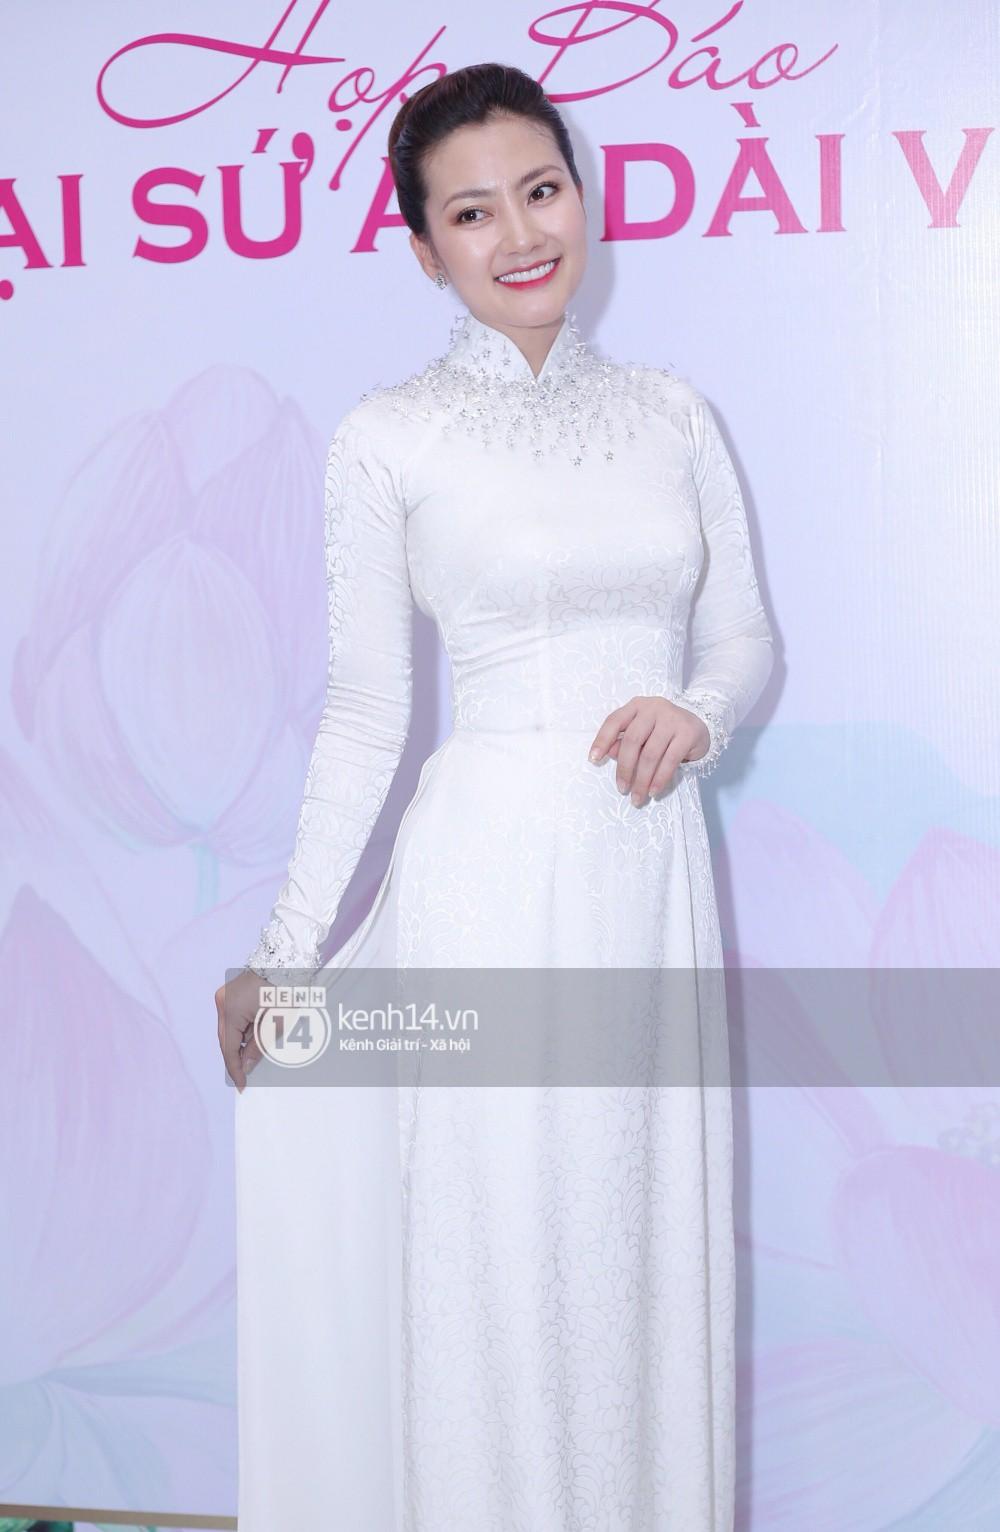 Phương Khánh để tóc mái bằng, khoe eo thon 54 cm cũng chưa chặt chém bằng mỹ nhân đeo nhẫn 5,5 tỷ đồng dự sự kiện - Ảnh 5.